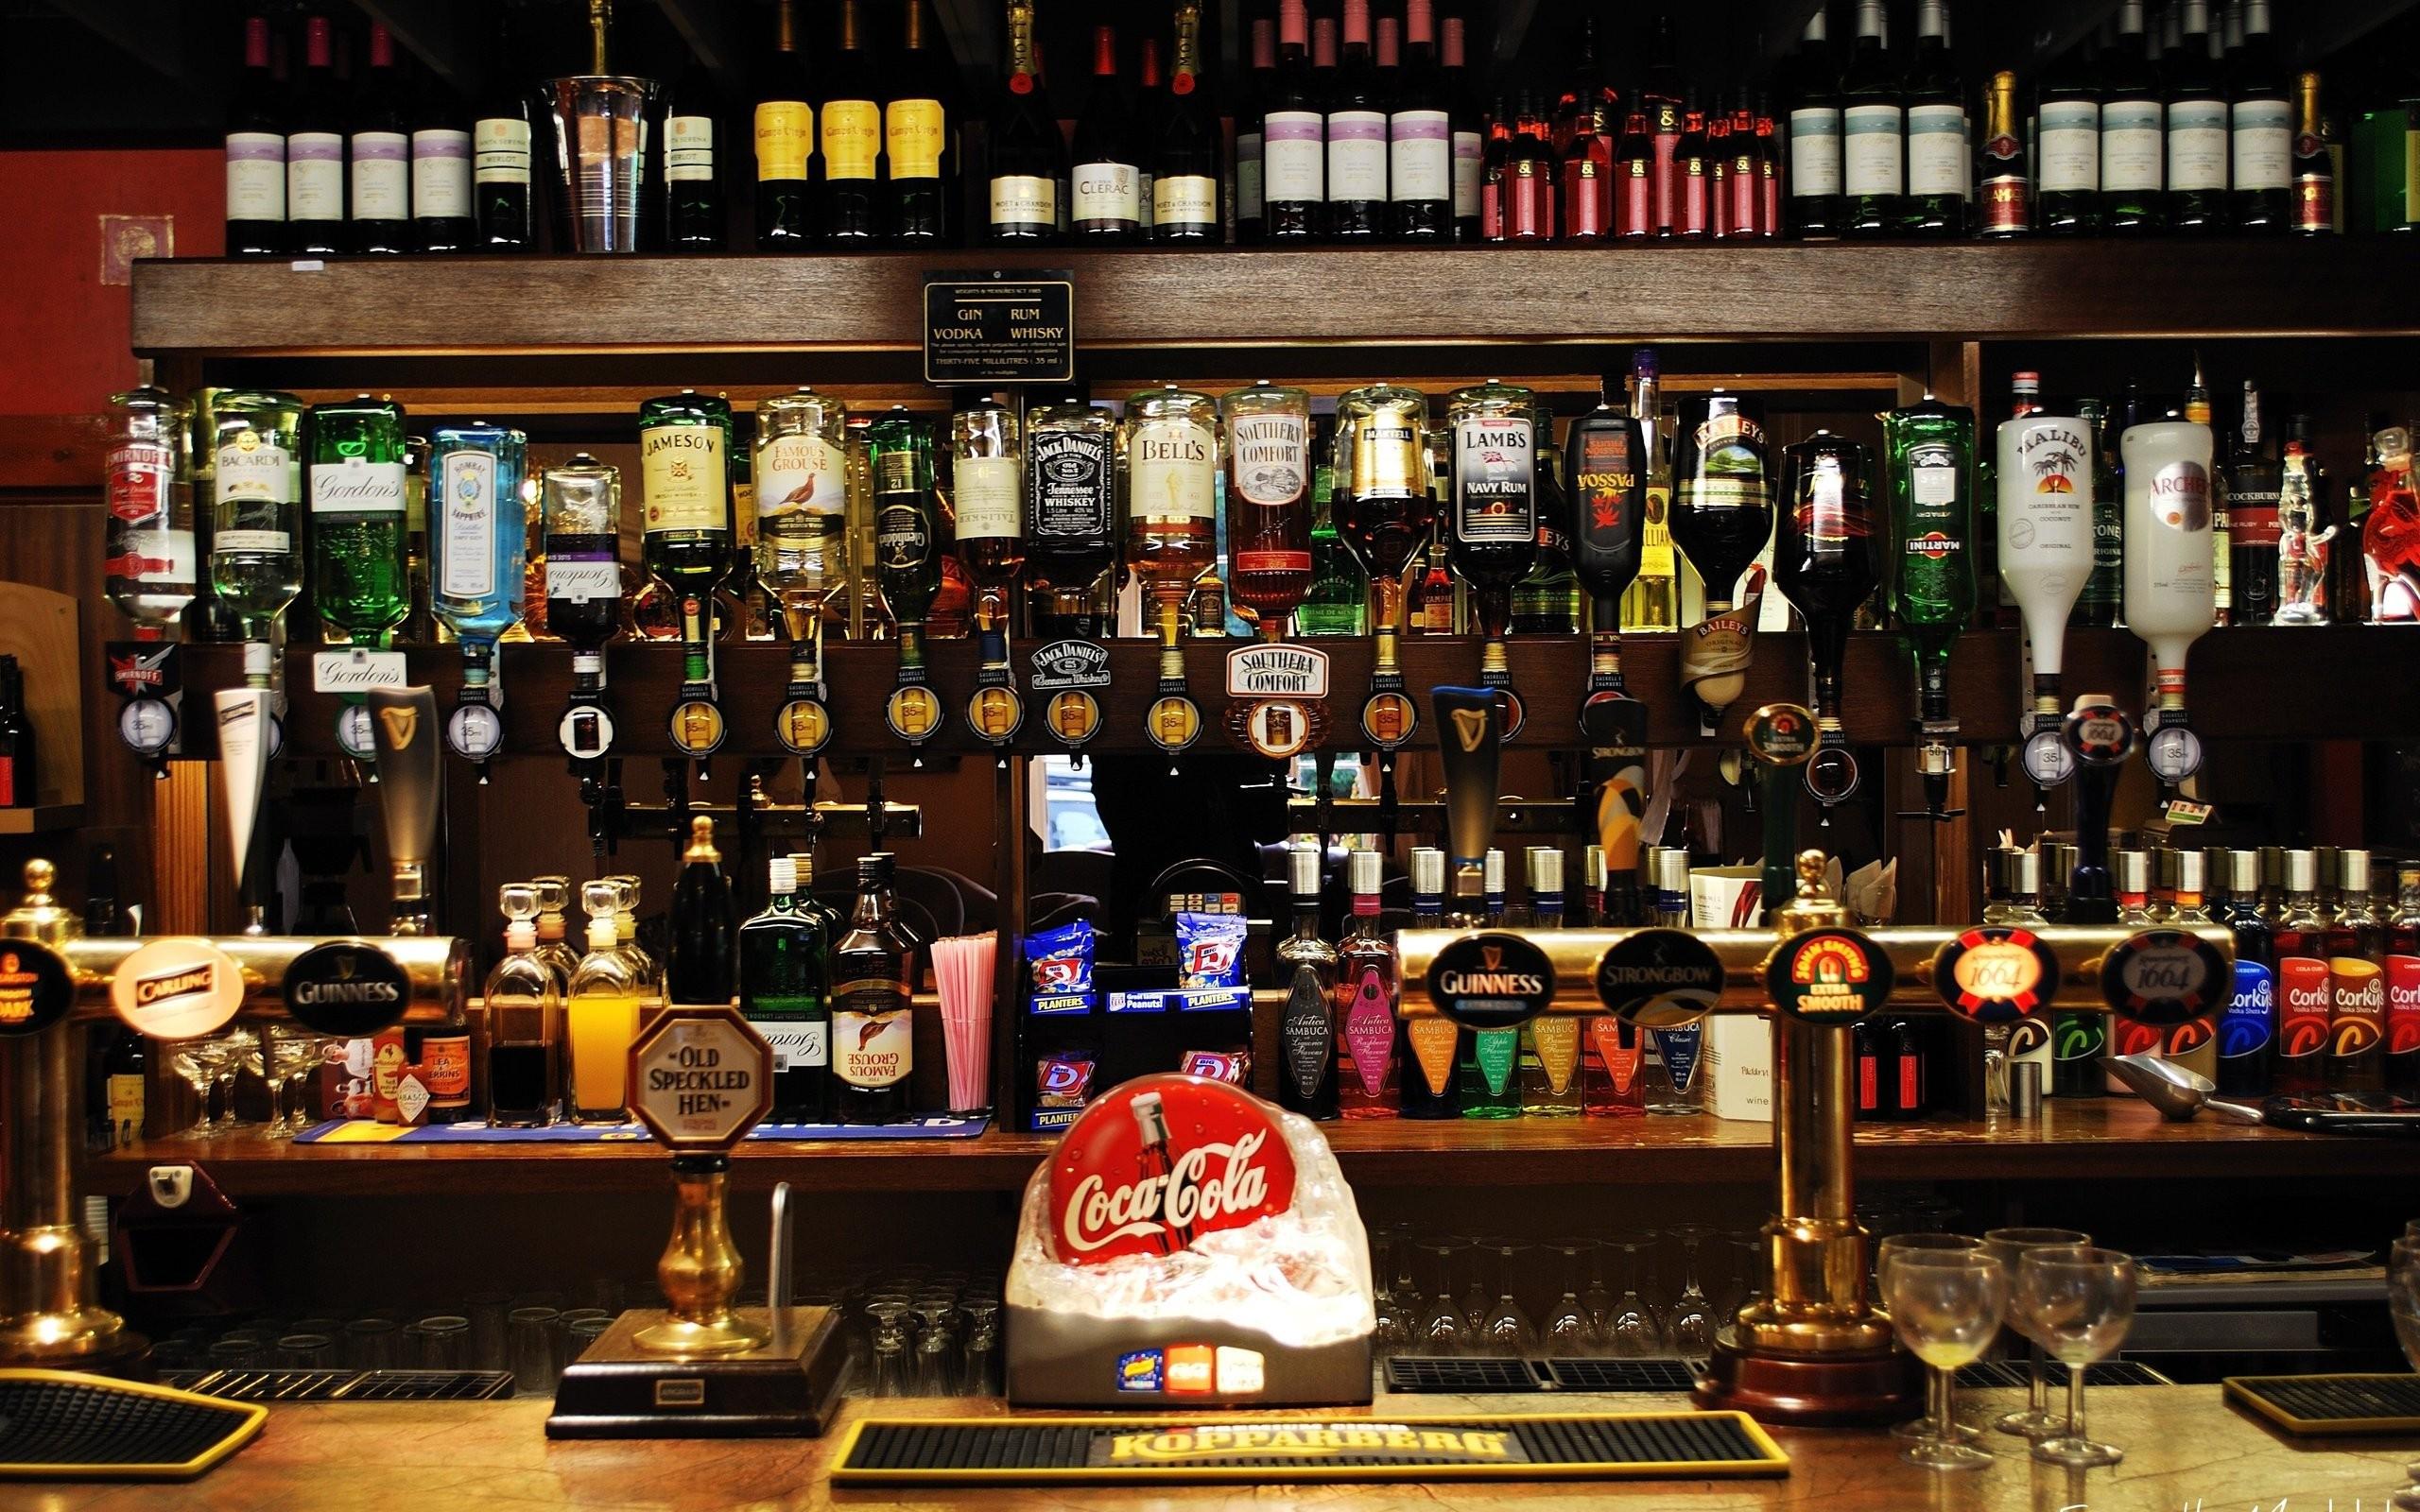 Vodka Guinness Wallpaper 2560x1600 Vodka Guinness Alcohol Whiskey 2560x1600